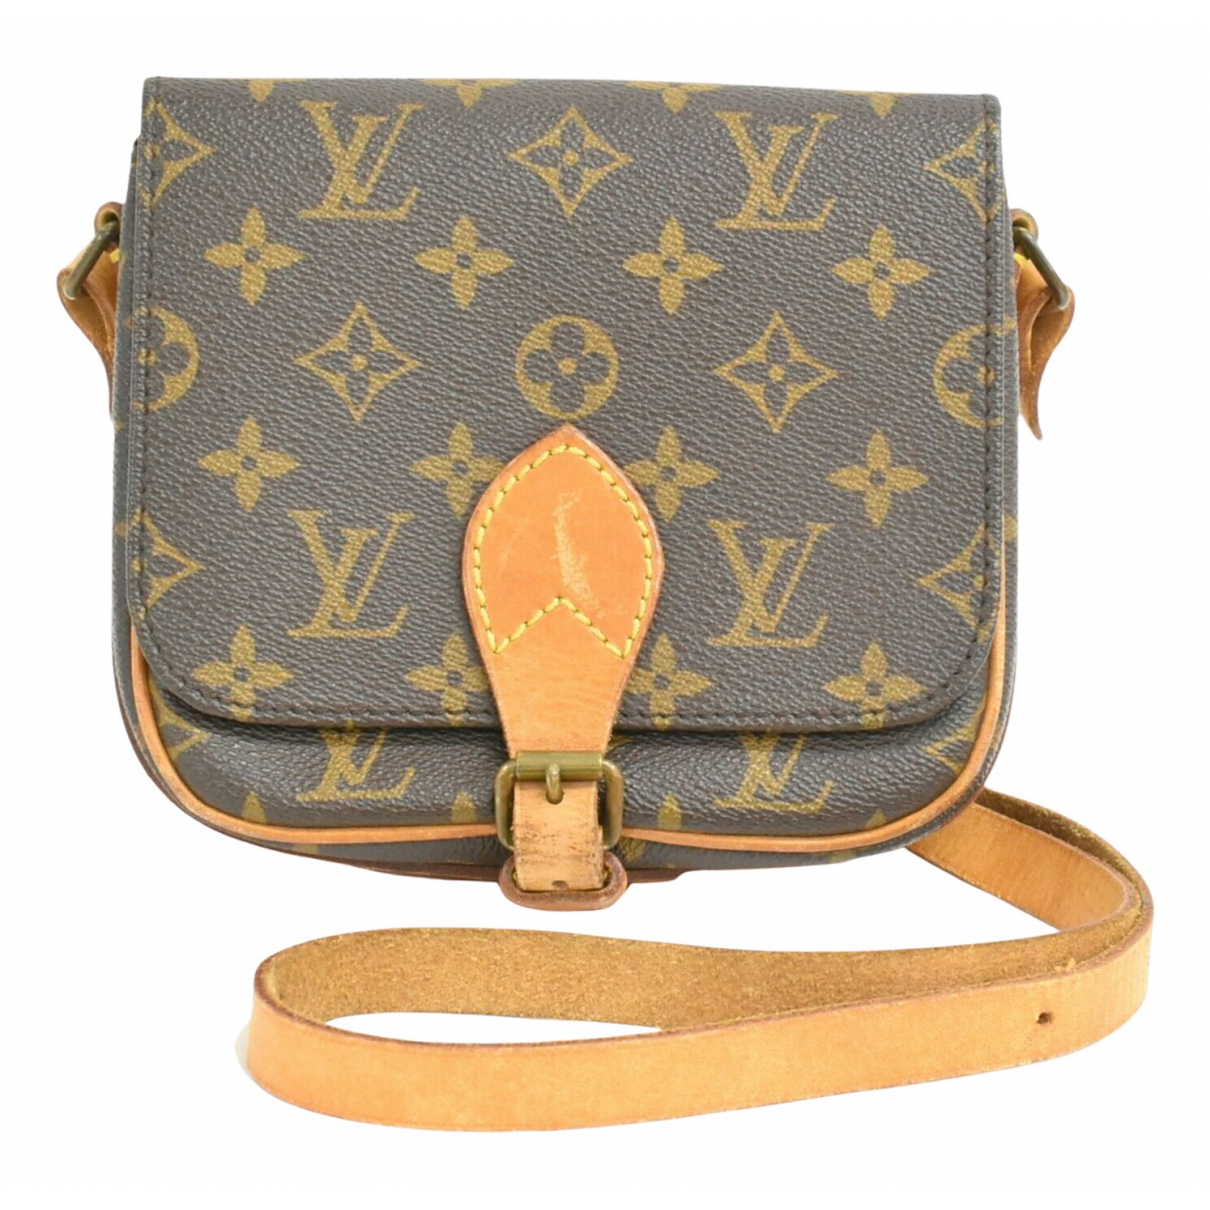 Bandolera Cartouchiere de Lona Louis Vuitton